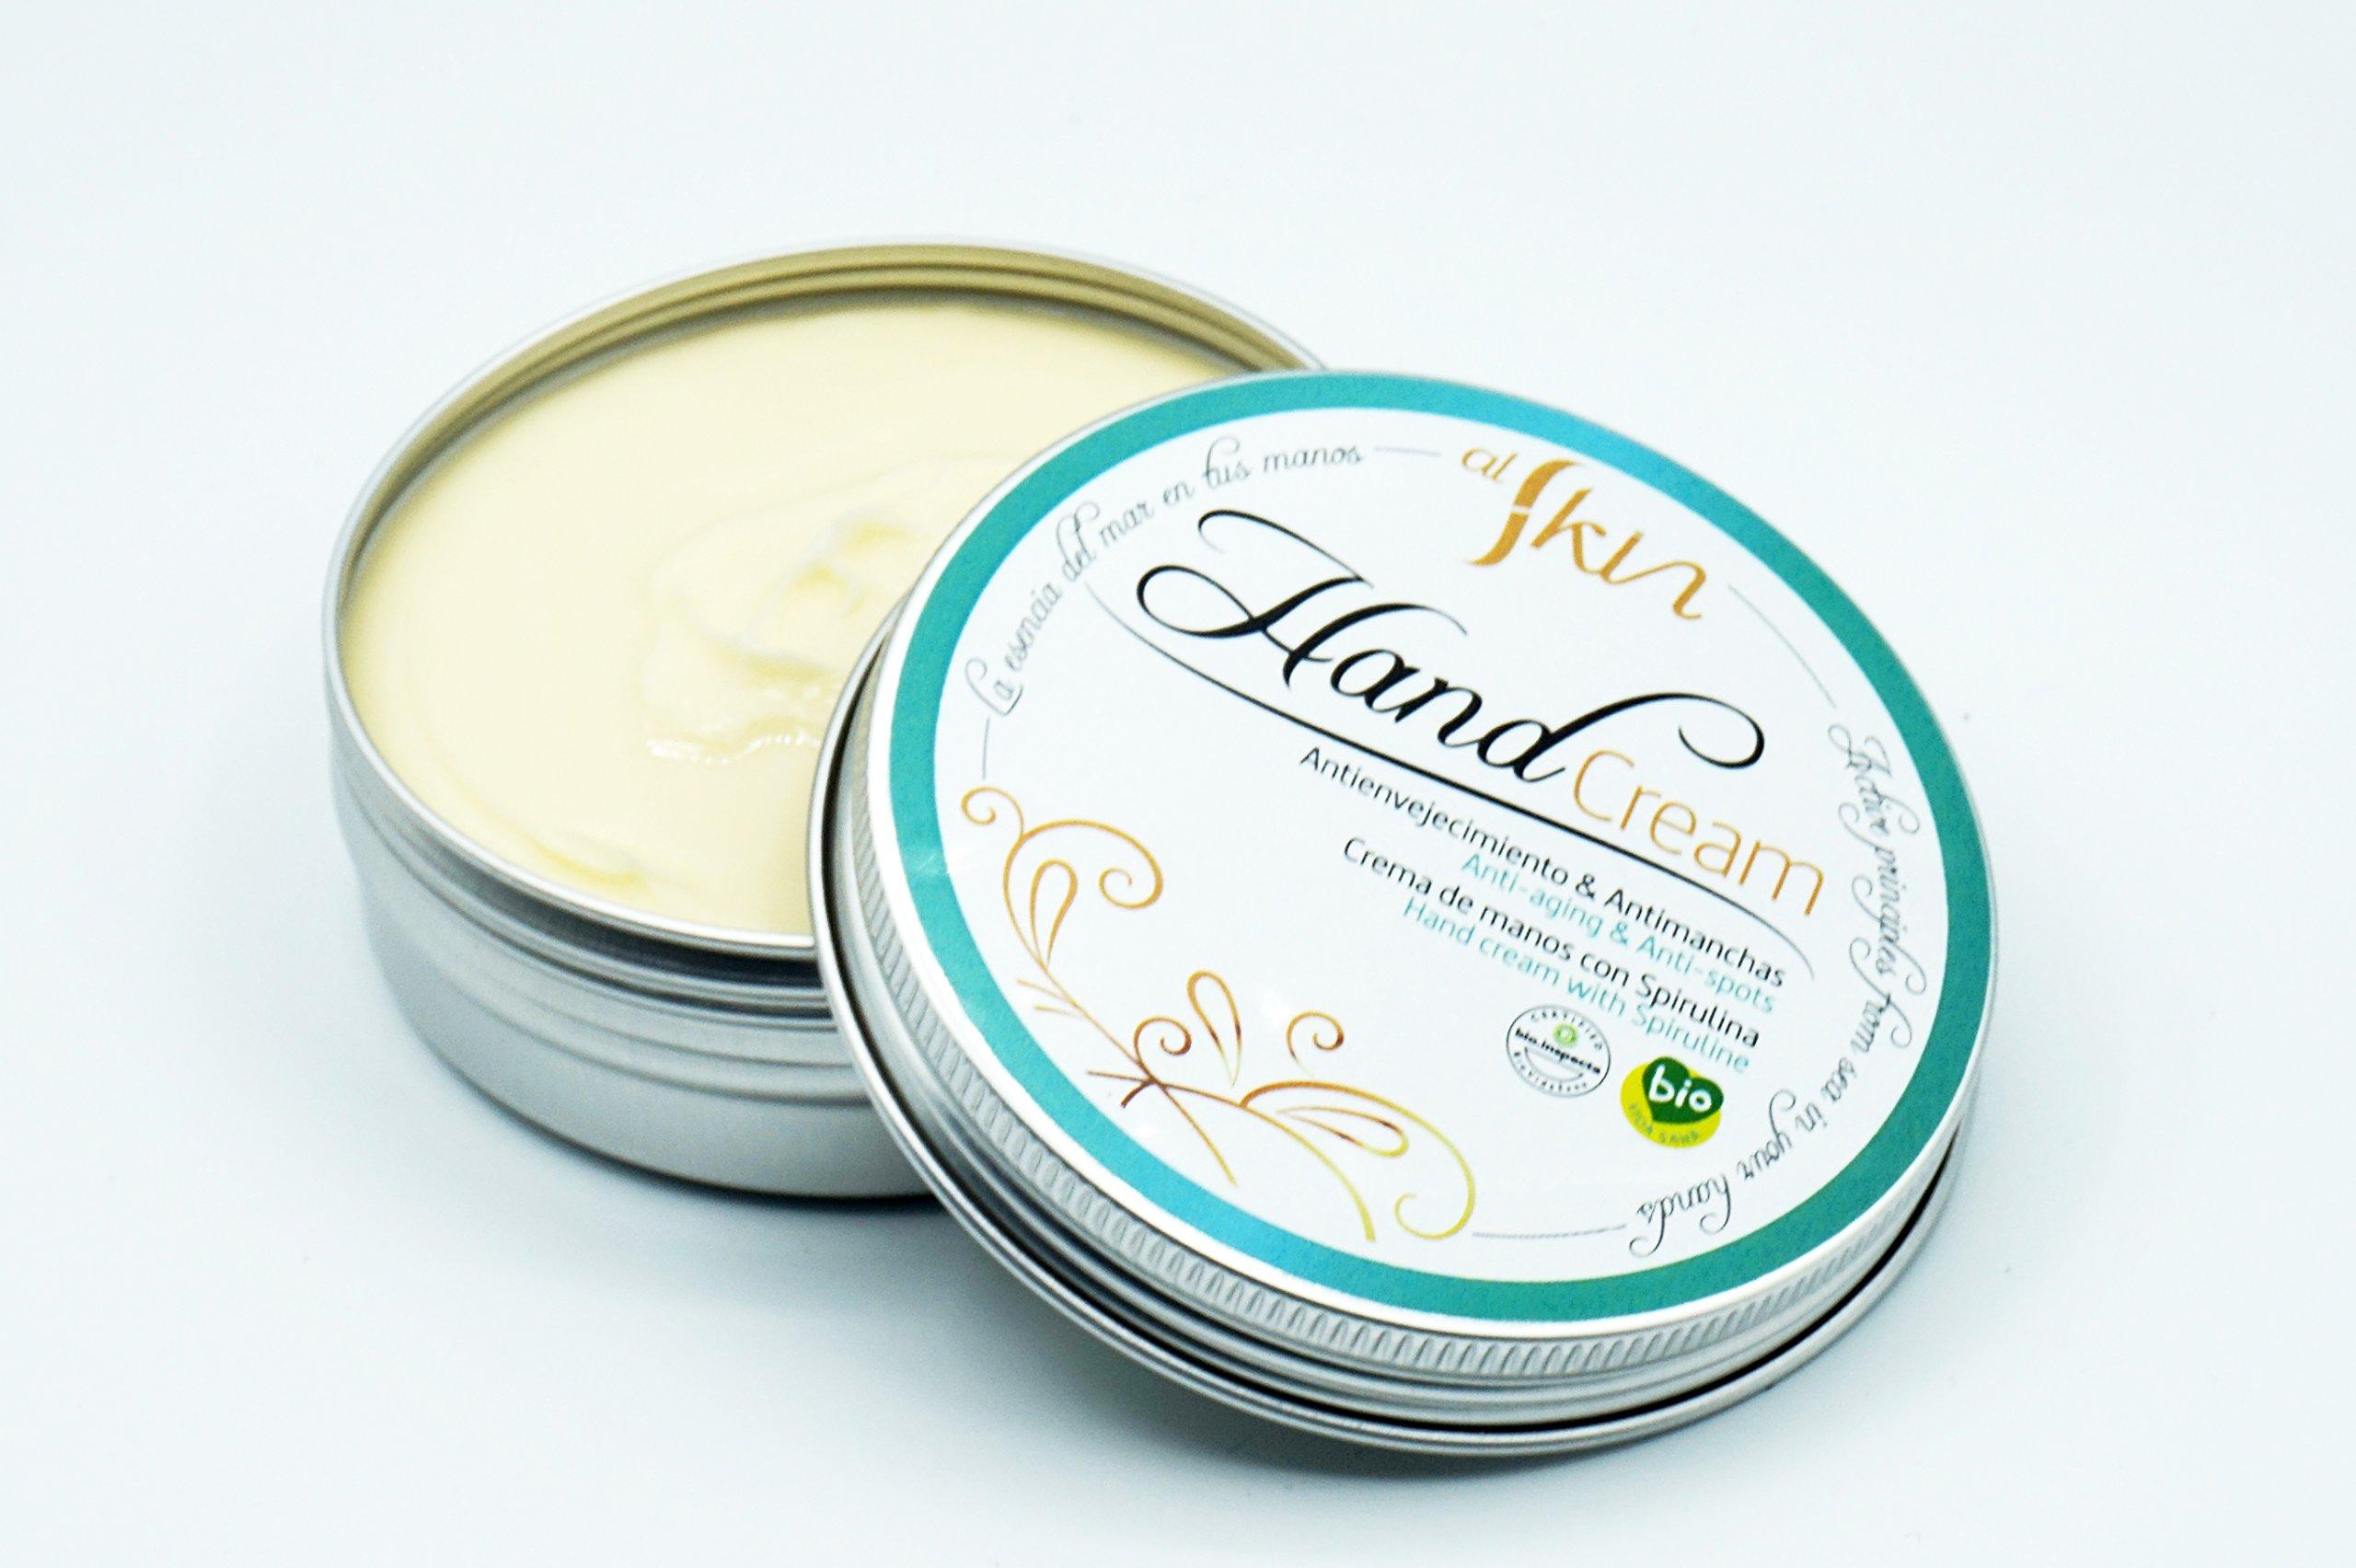 Crema de Manos Reparadora | Con Manteca de Karité y Aceite de Caléndula para Máxima Hidratación | Evita Manchas en las Manos | Cosmética Ecológica | Certificaciones Bio y Eco | Envase 50 ml